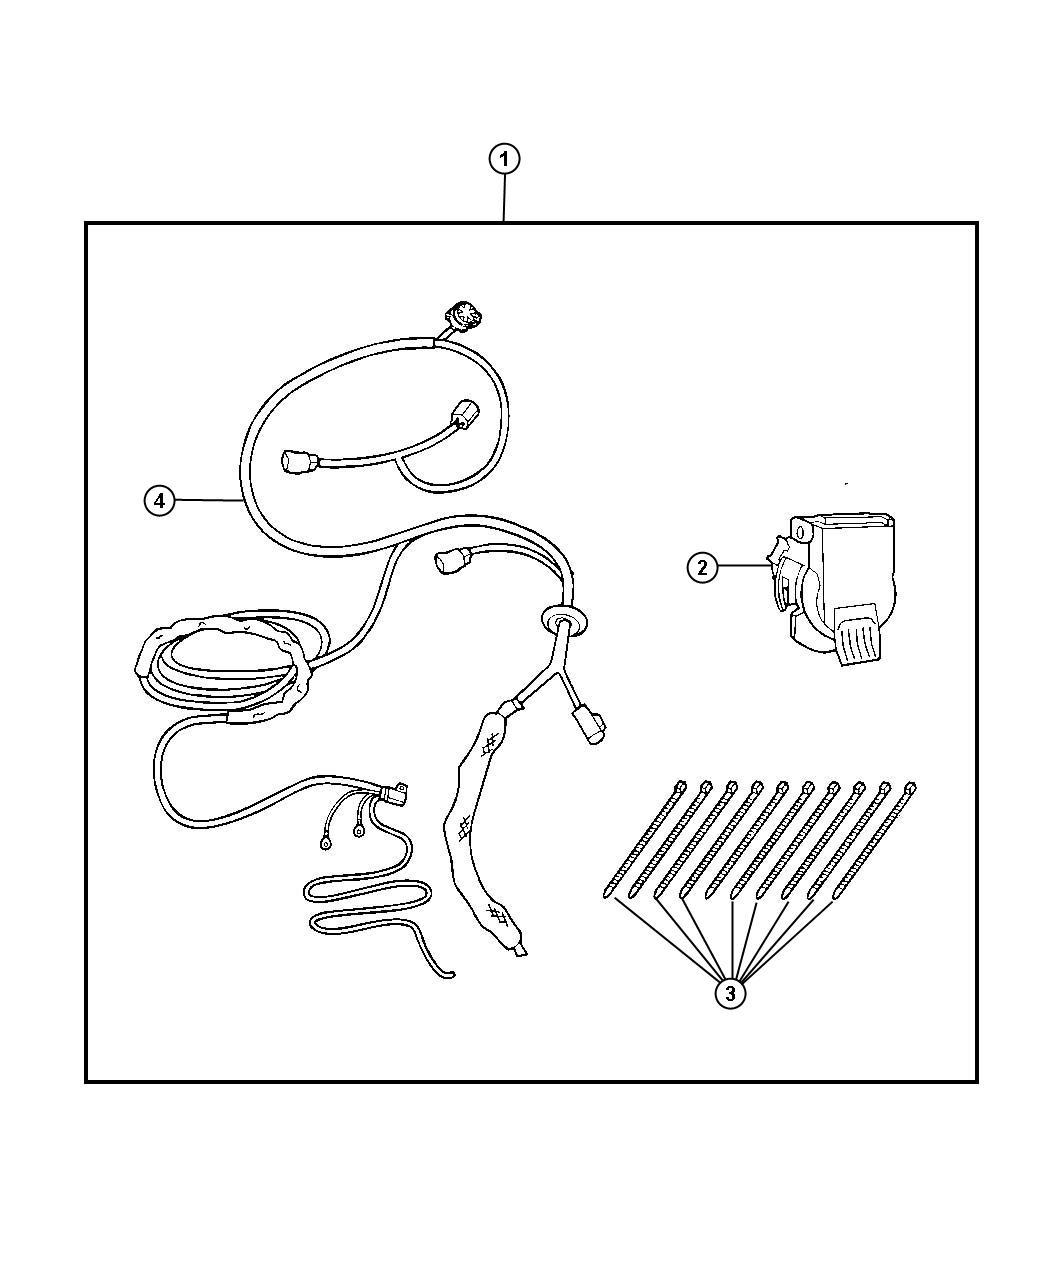 7 Way Blade Wiring Diagram